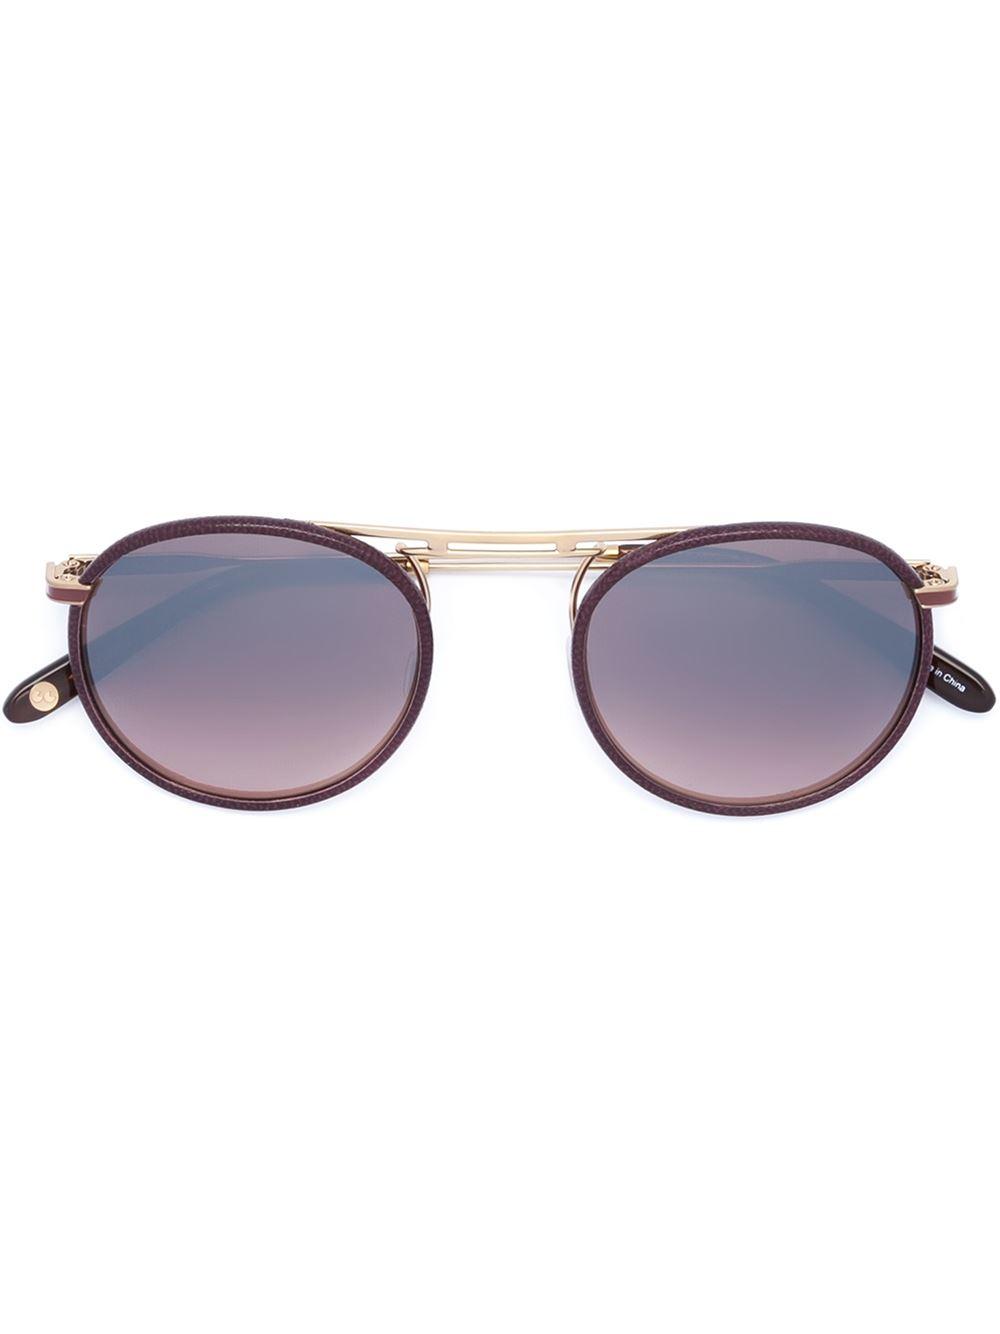 Garrett leight 'cordova' Sunglasses in Purple (RED)